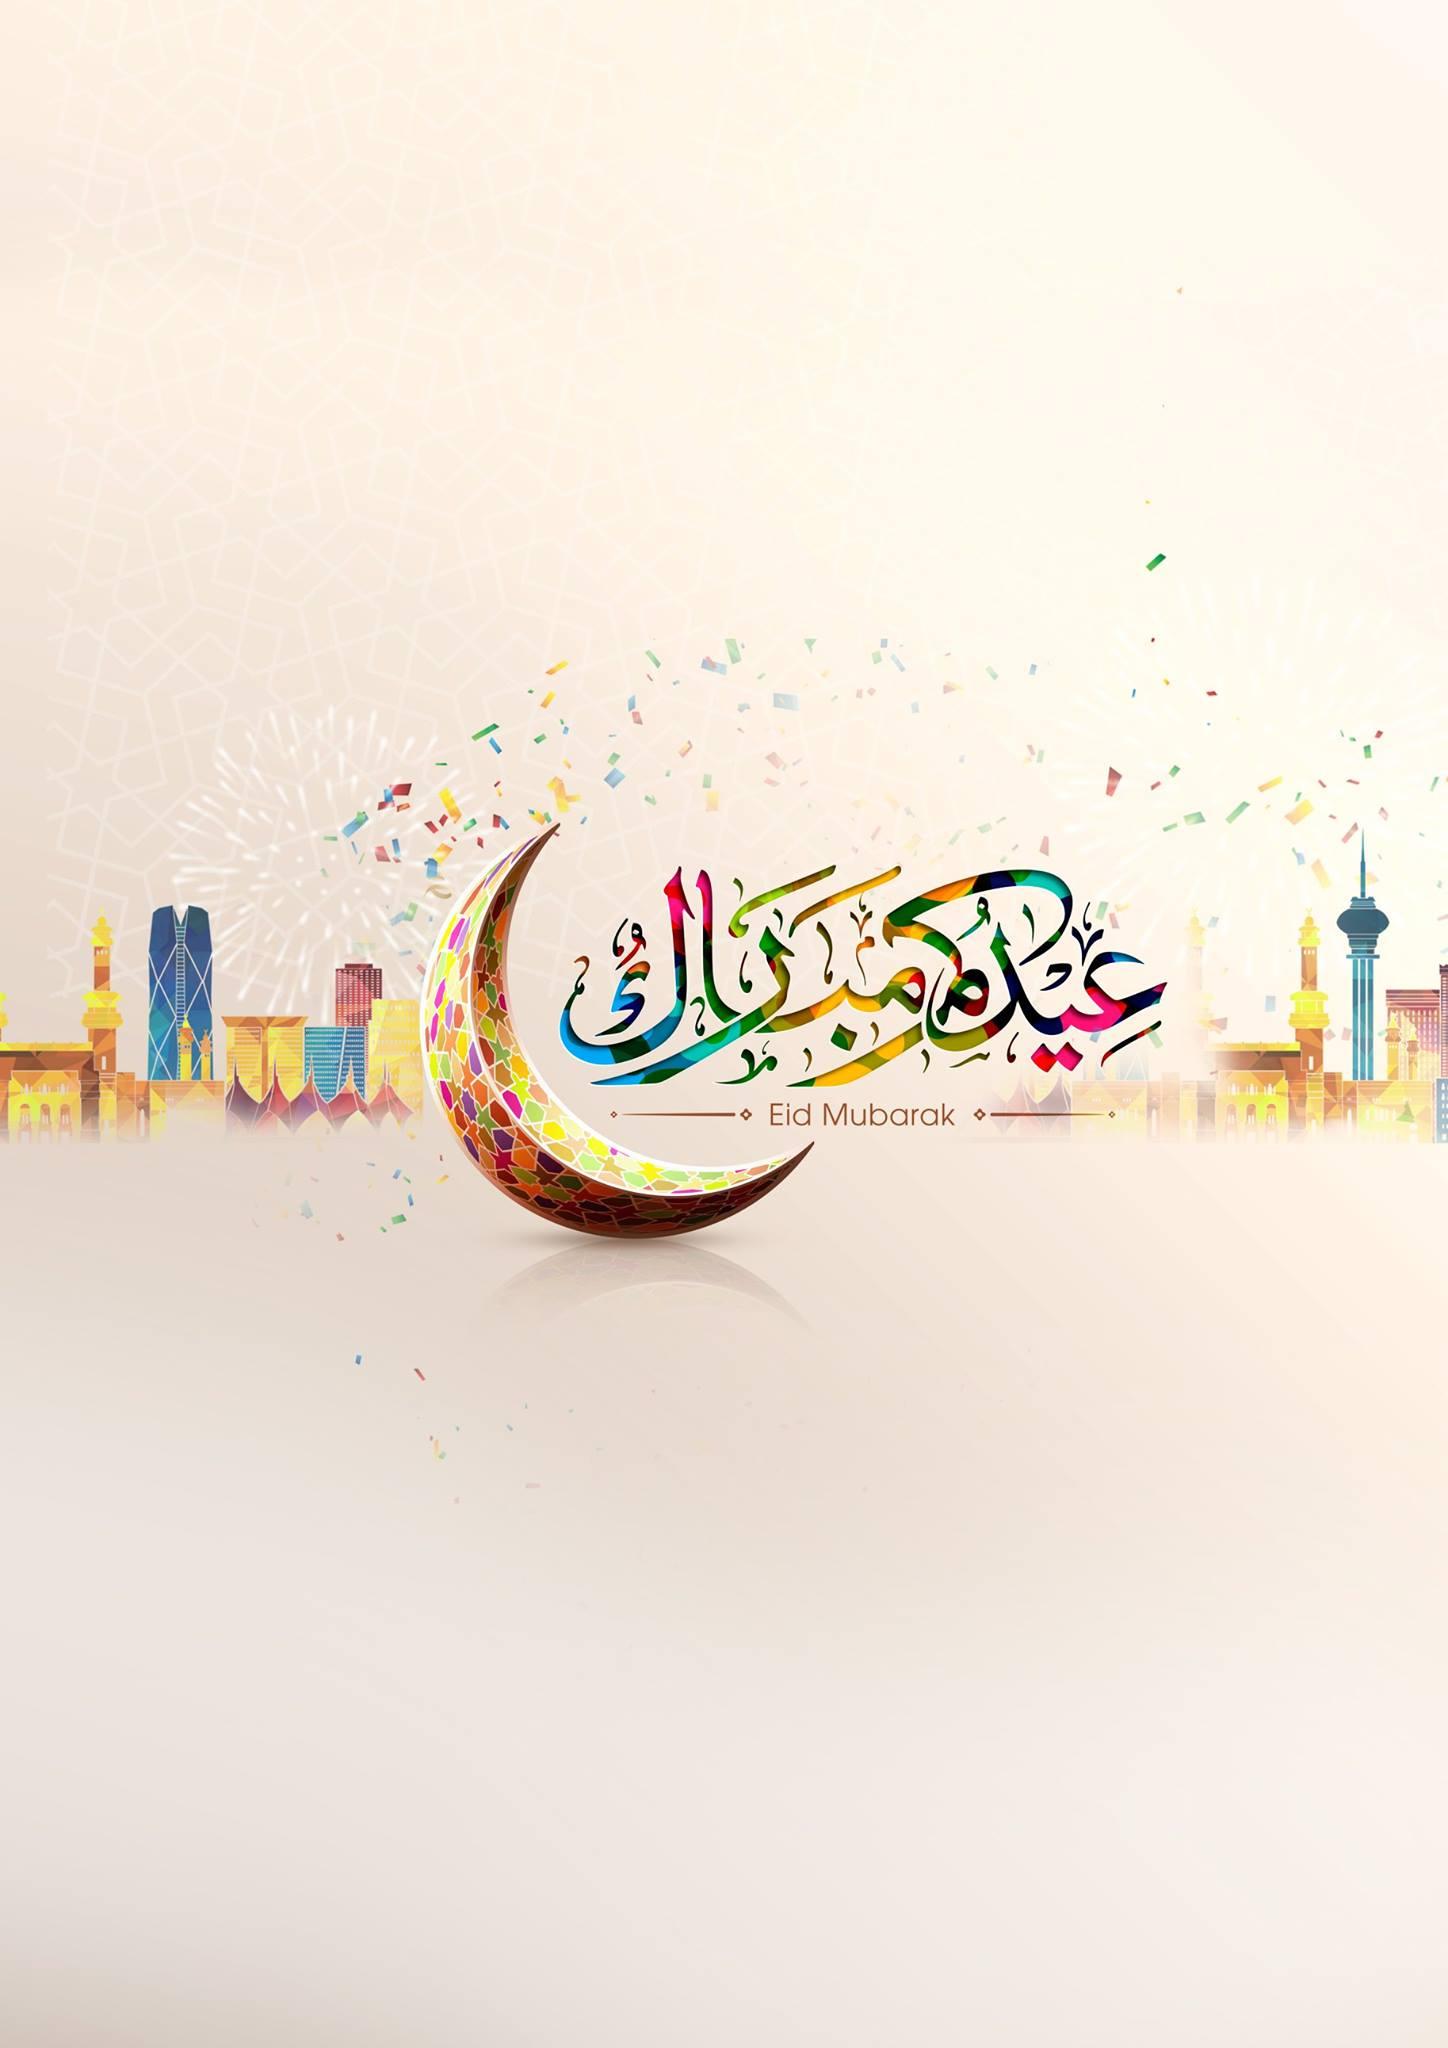 عروض كارفور السعودية الاربعاء 13 يونيو 2018-عروض العيد و عروض الجمال